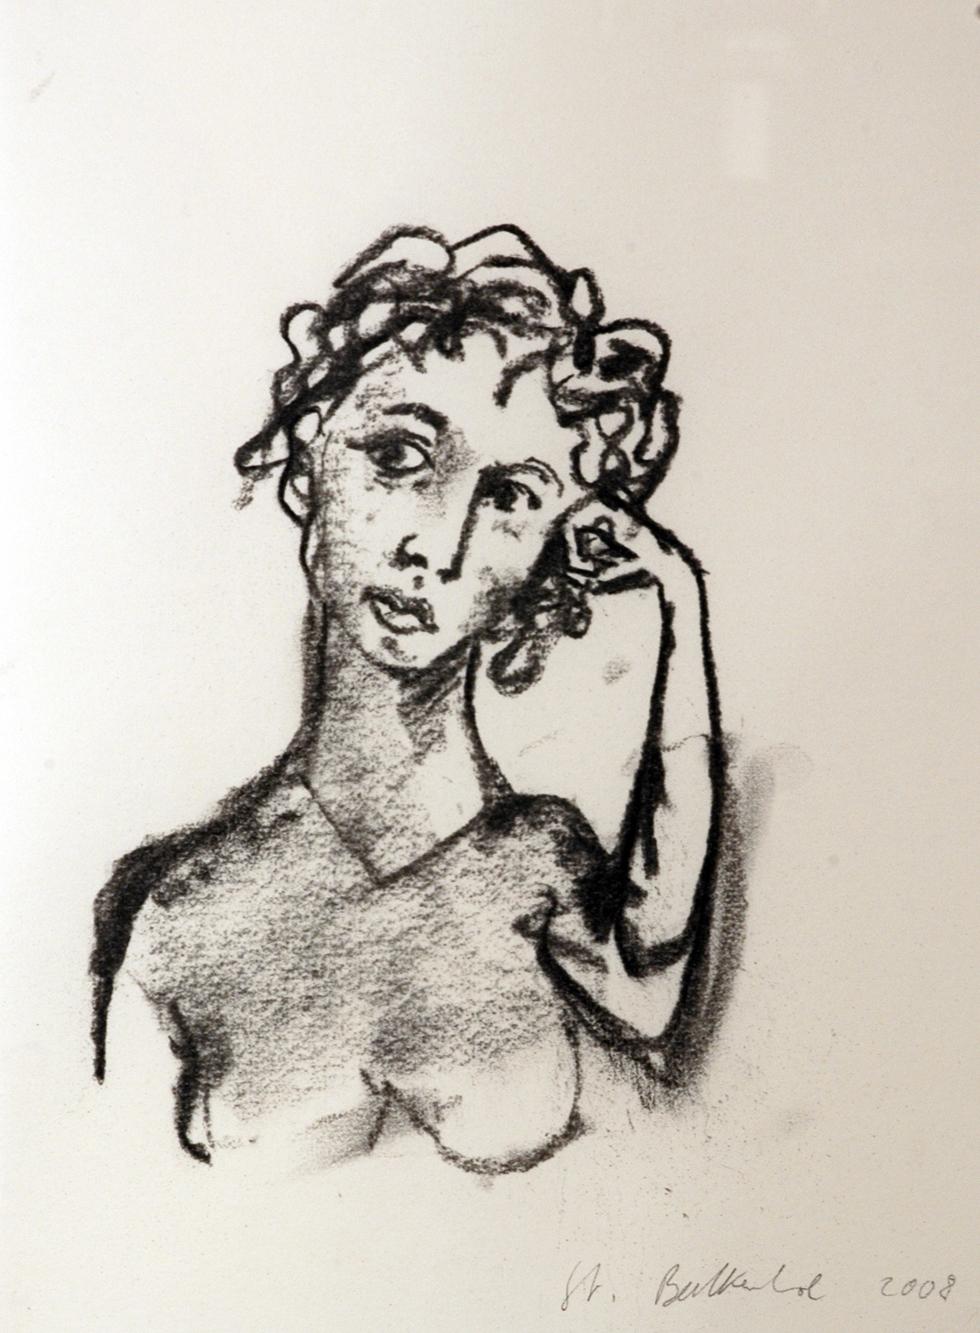 SENZA TITOLO, 2008, DISEGNO SU CARTA, 32 X 24 CM, OPERA UNICA